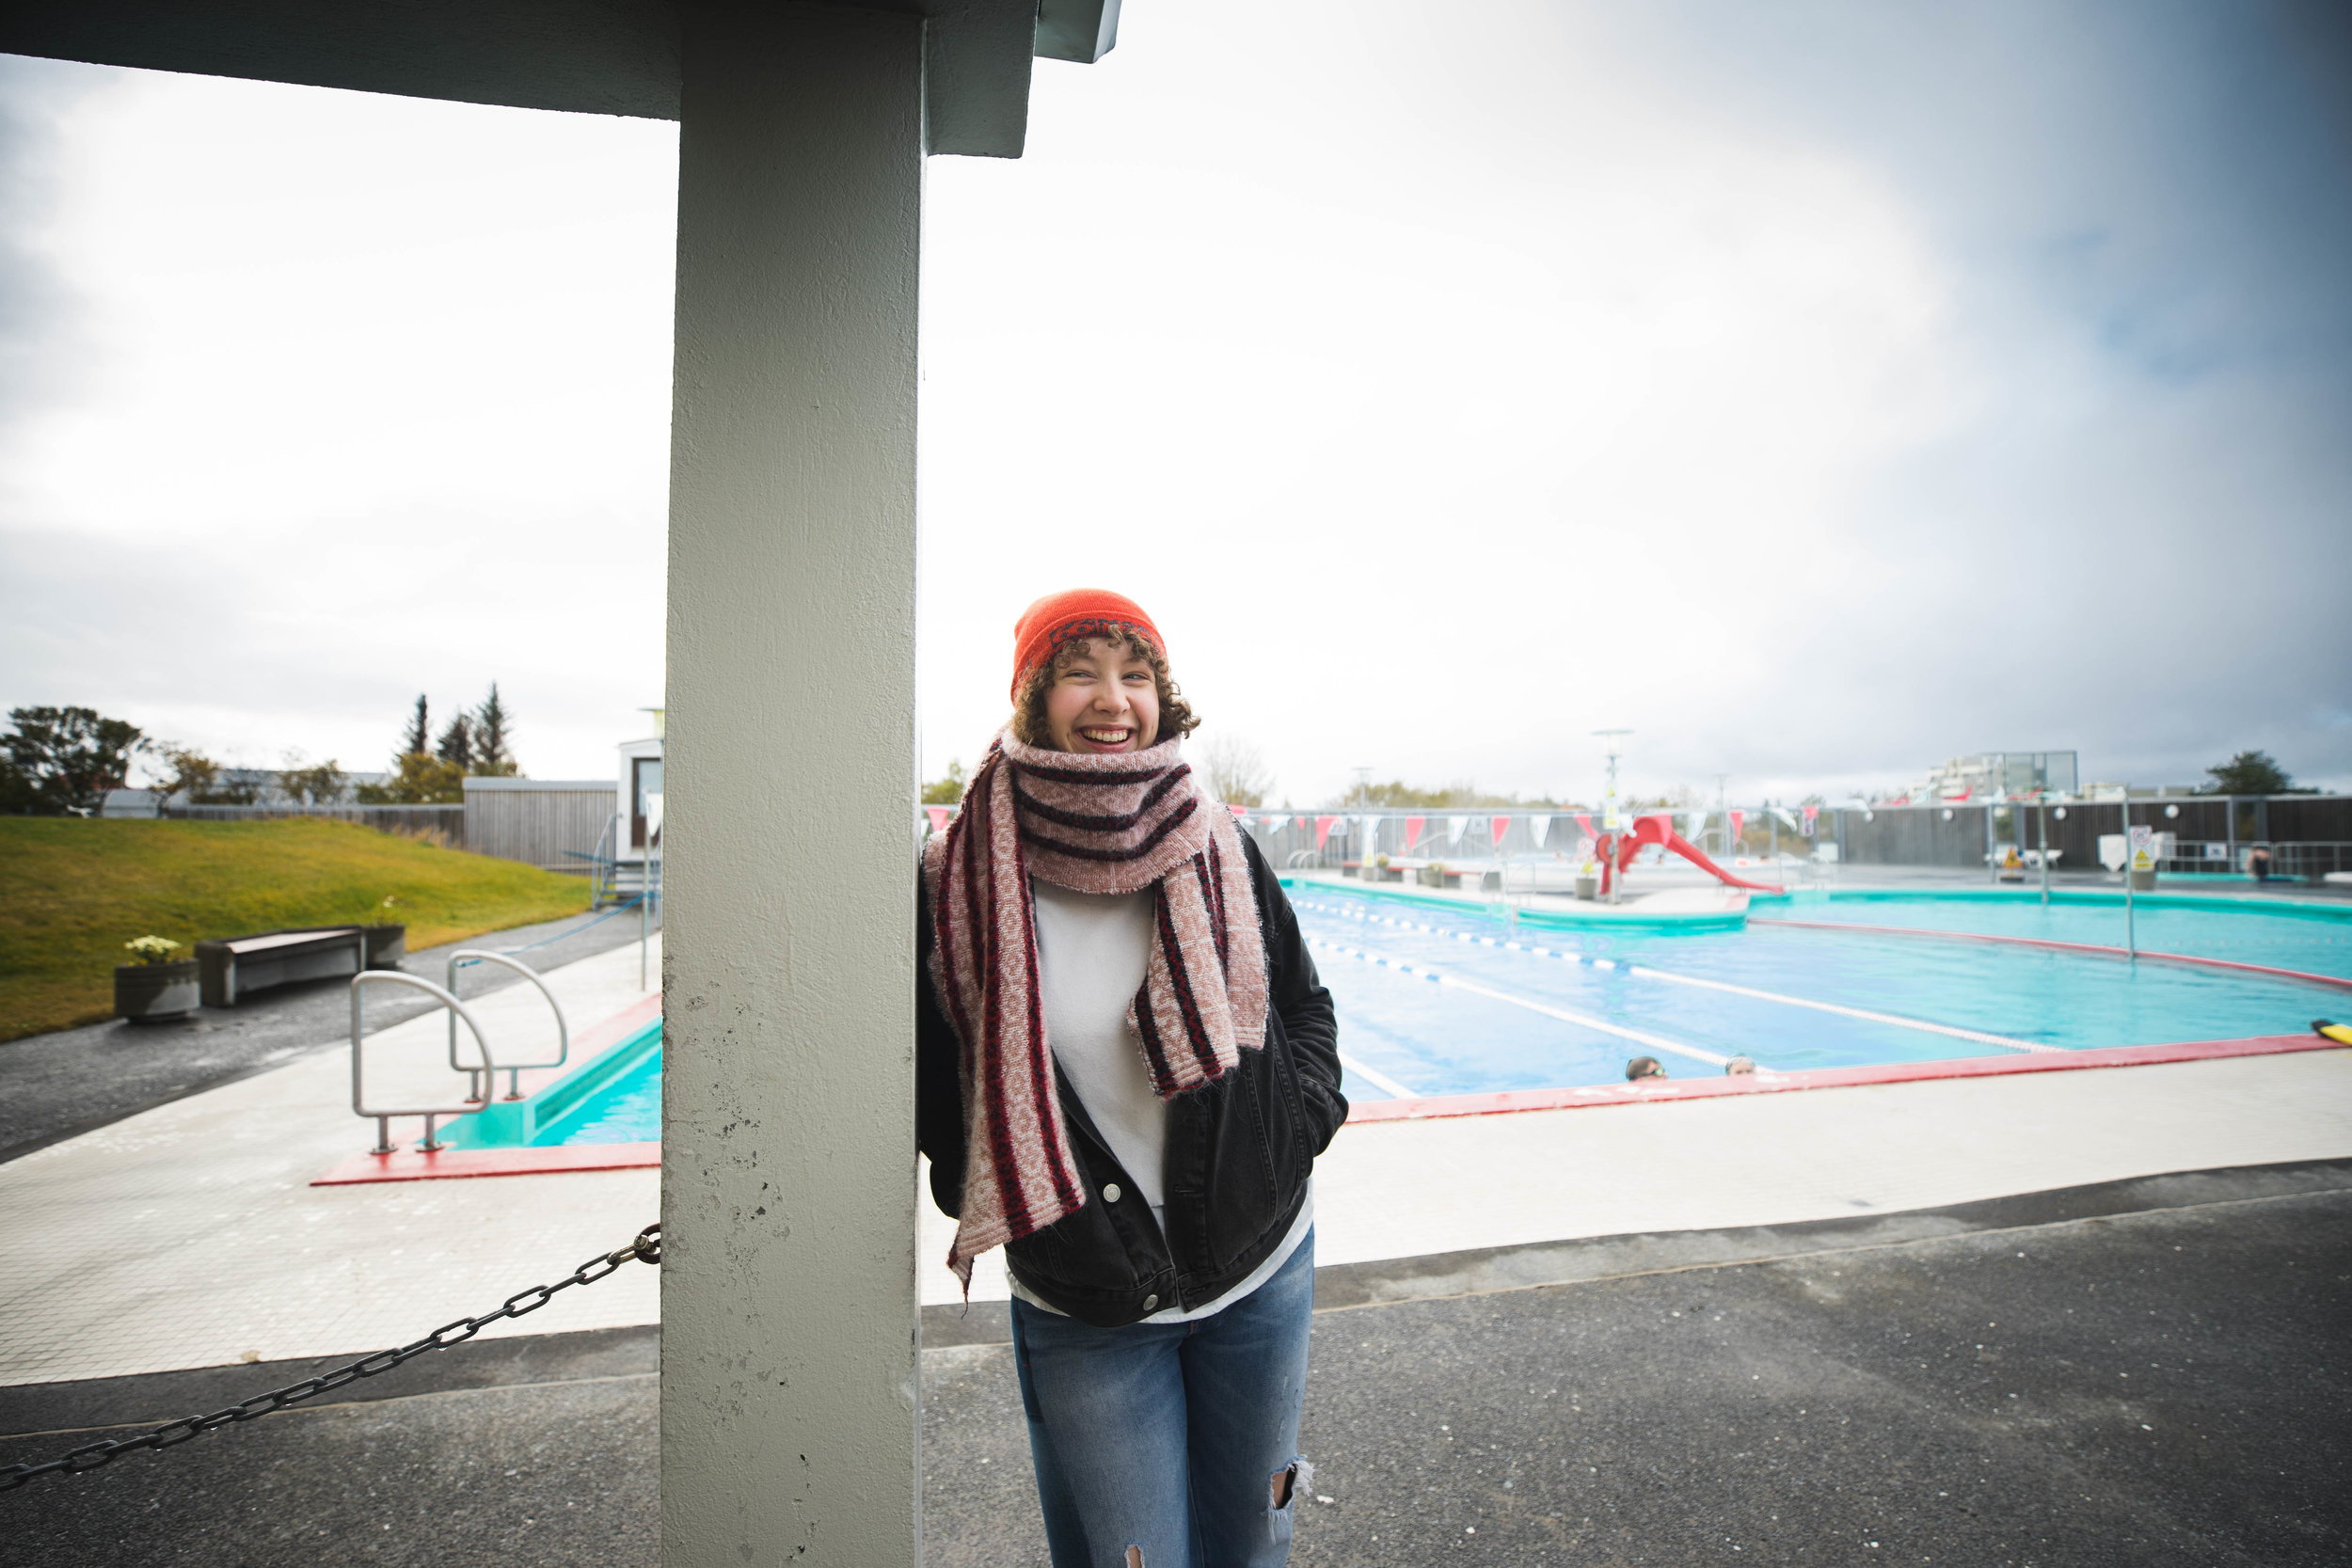 Stúdentablaðið/Eydís María Ólafsdóttir